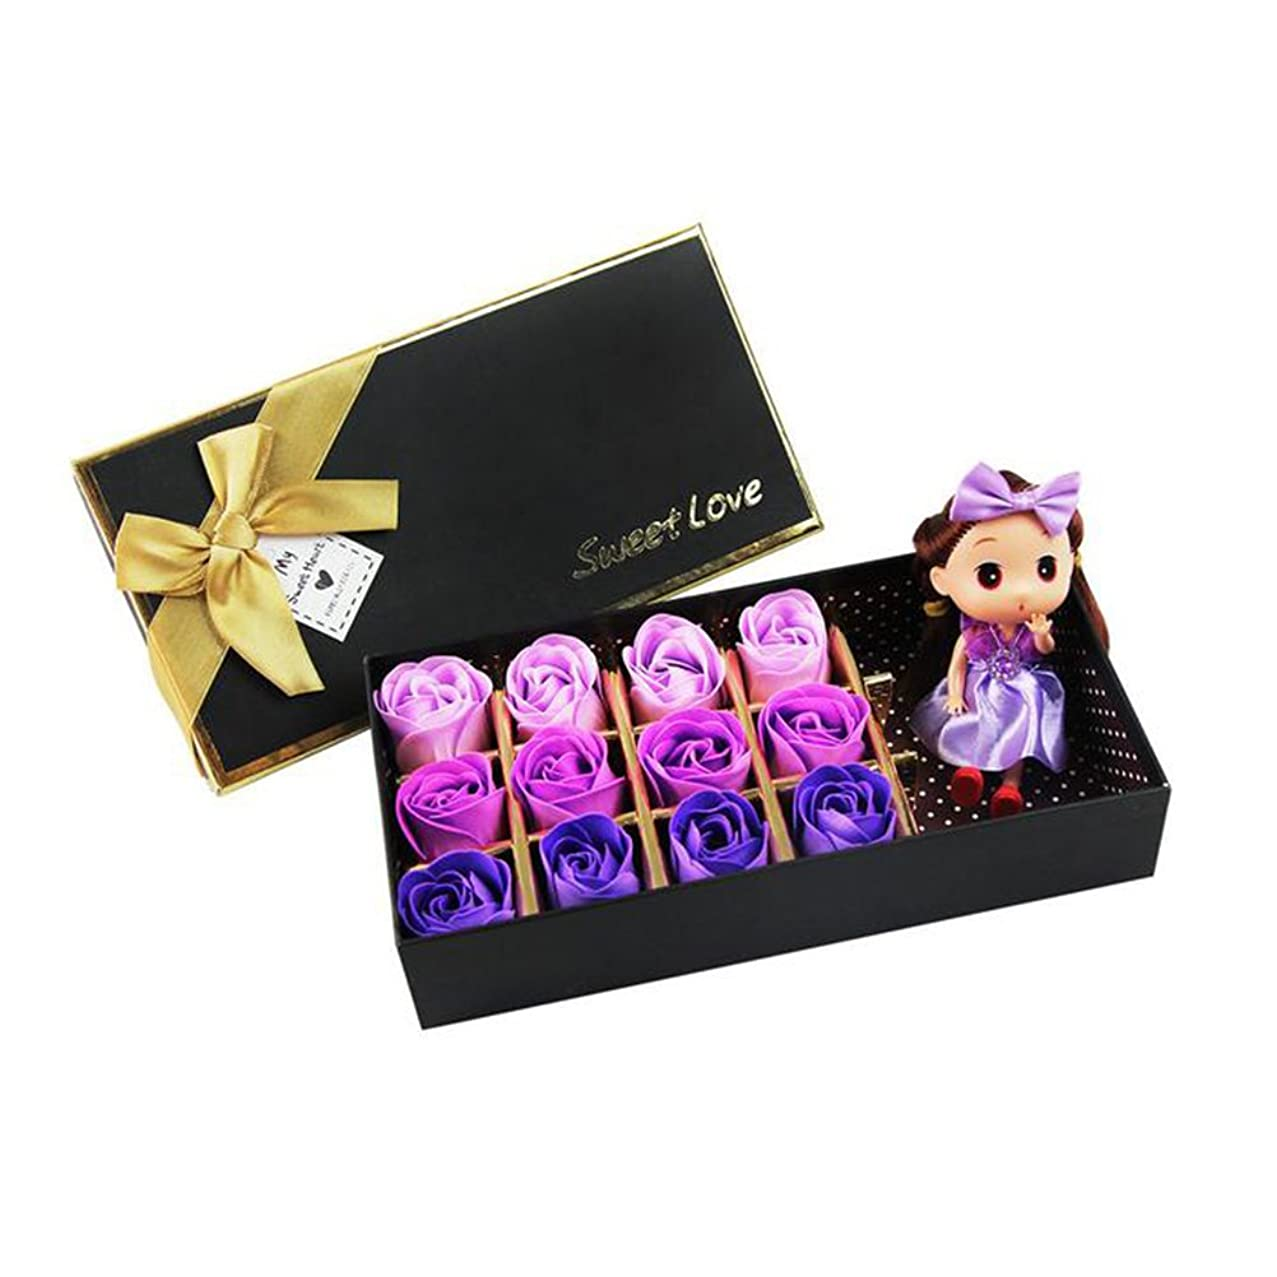 否認する自治的アクセサリーROSENICE 香り バラ 花 お風呂 石鹸 ギフトボックス (紫)